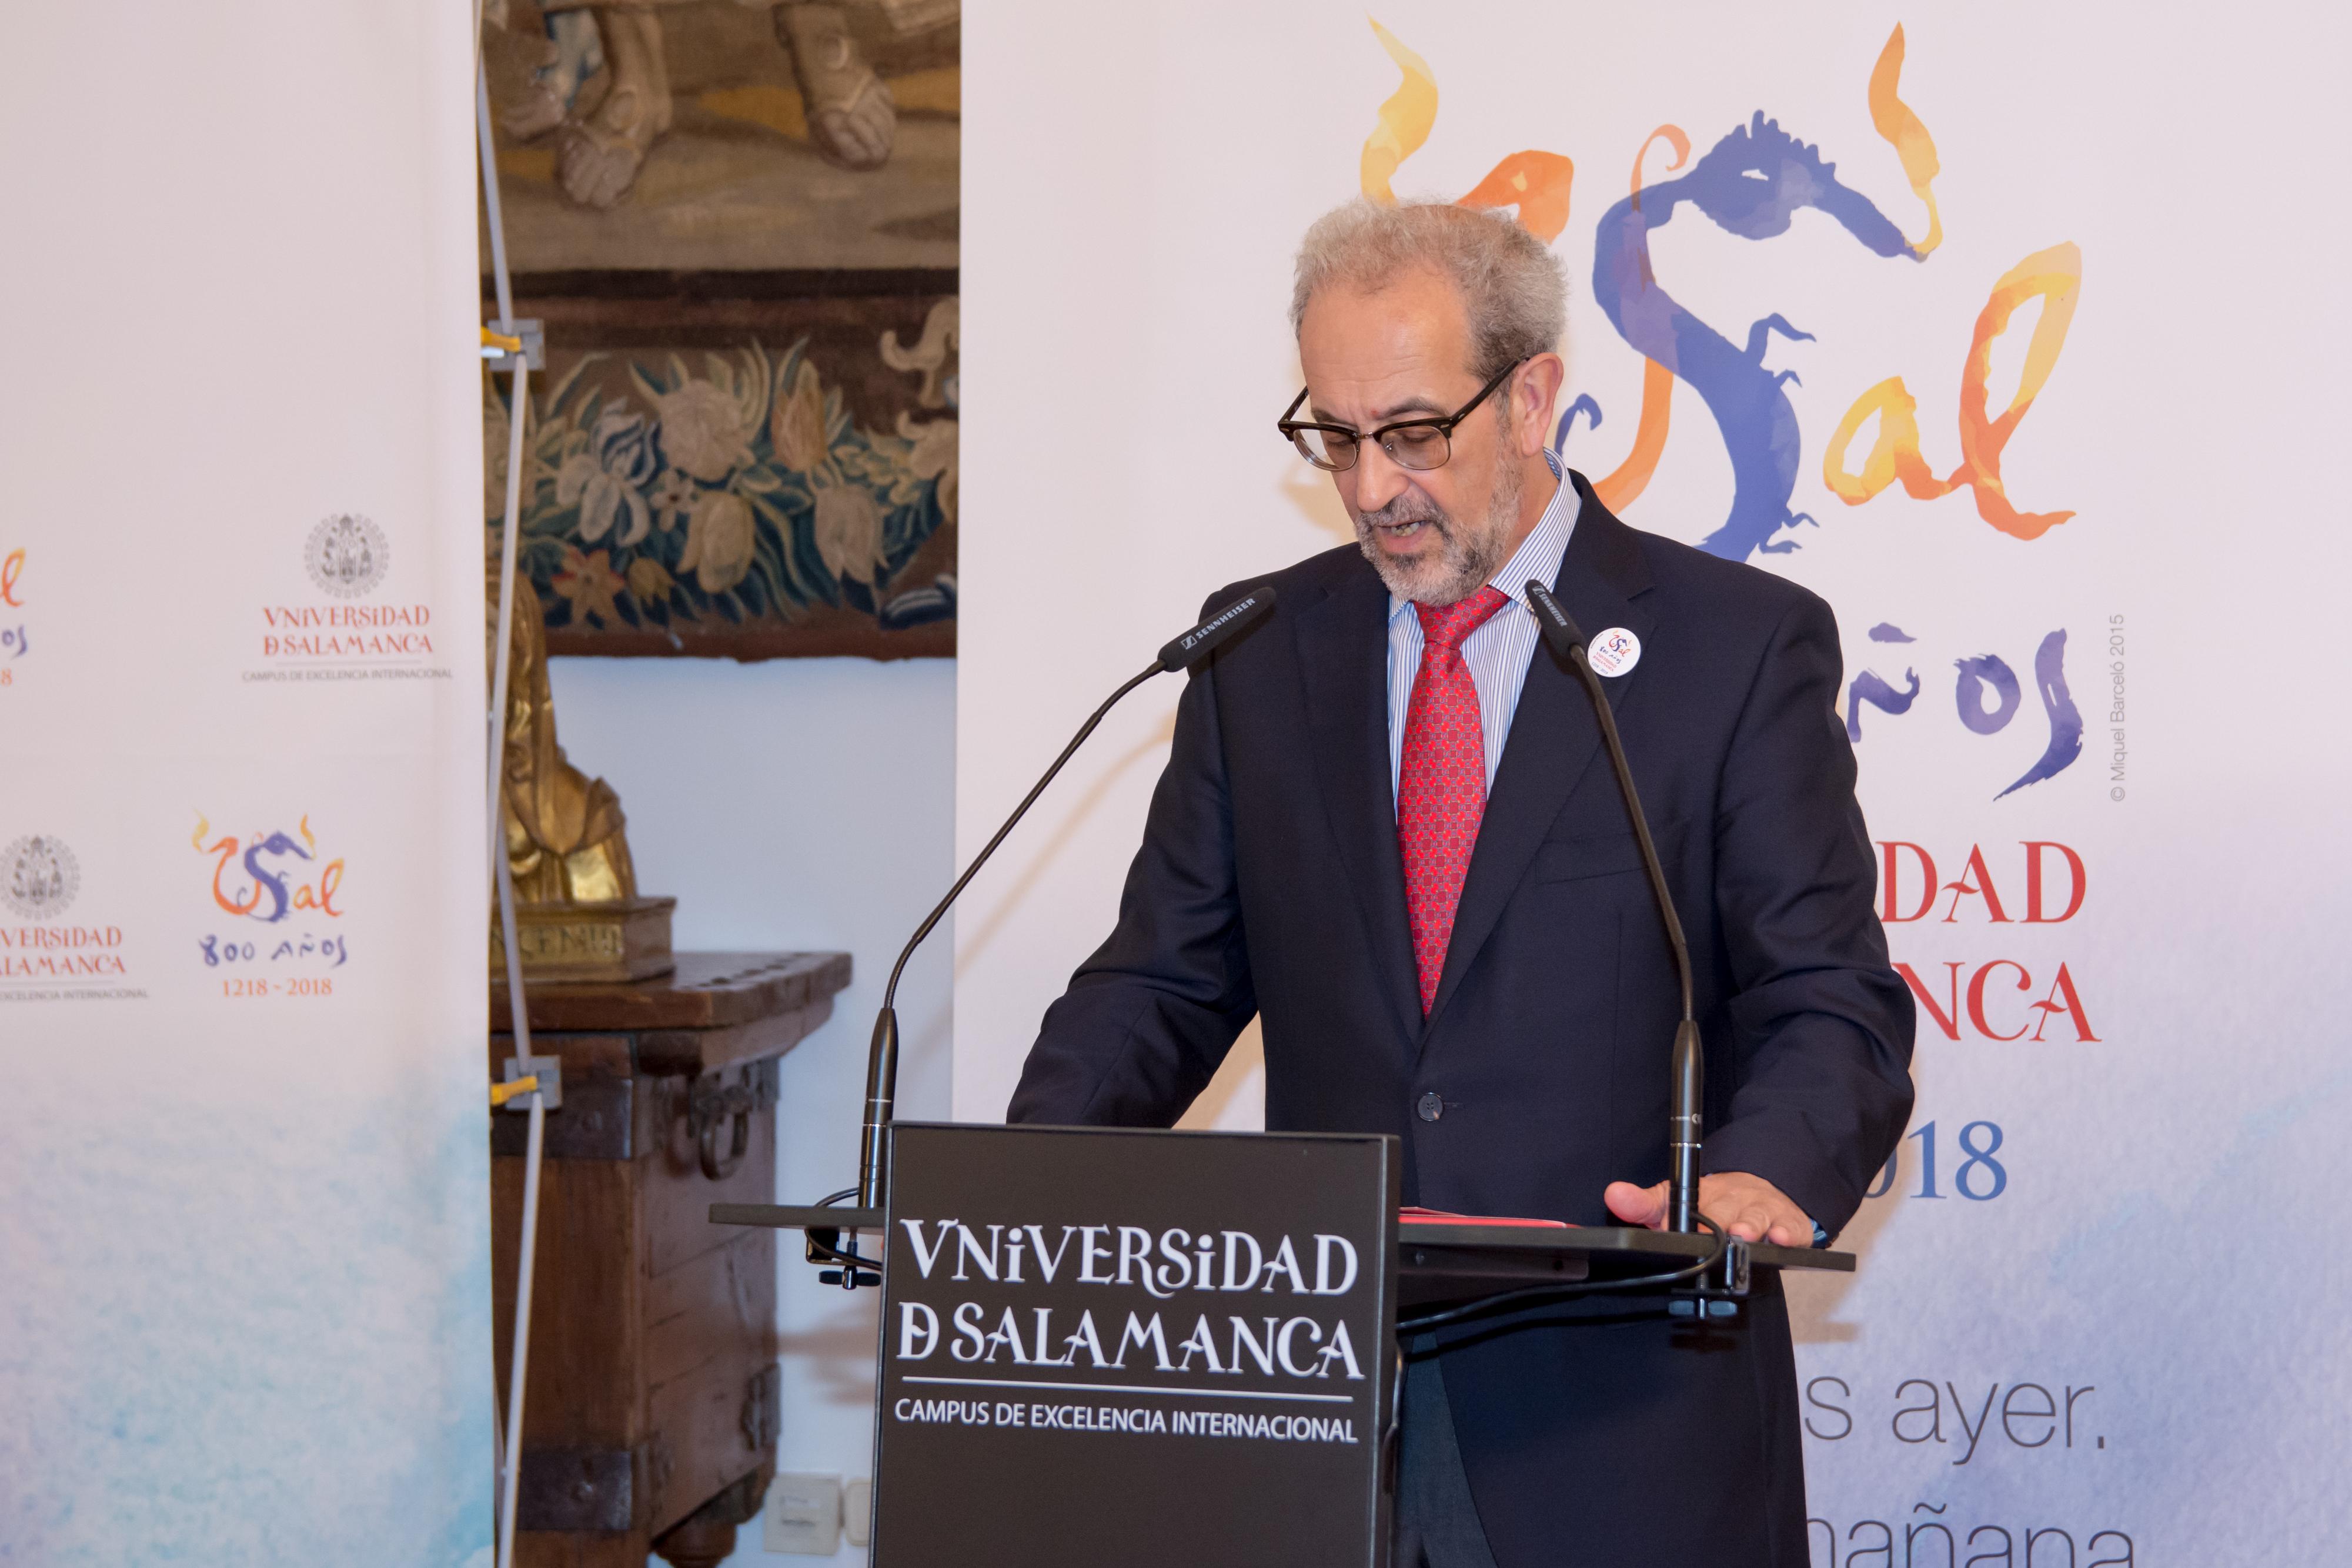 La Universidad de Salamanca incorpora el Centro Internacional de Referencia del Español a sus proyectos del VIII Centenario